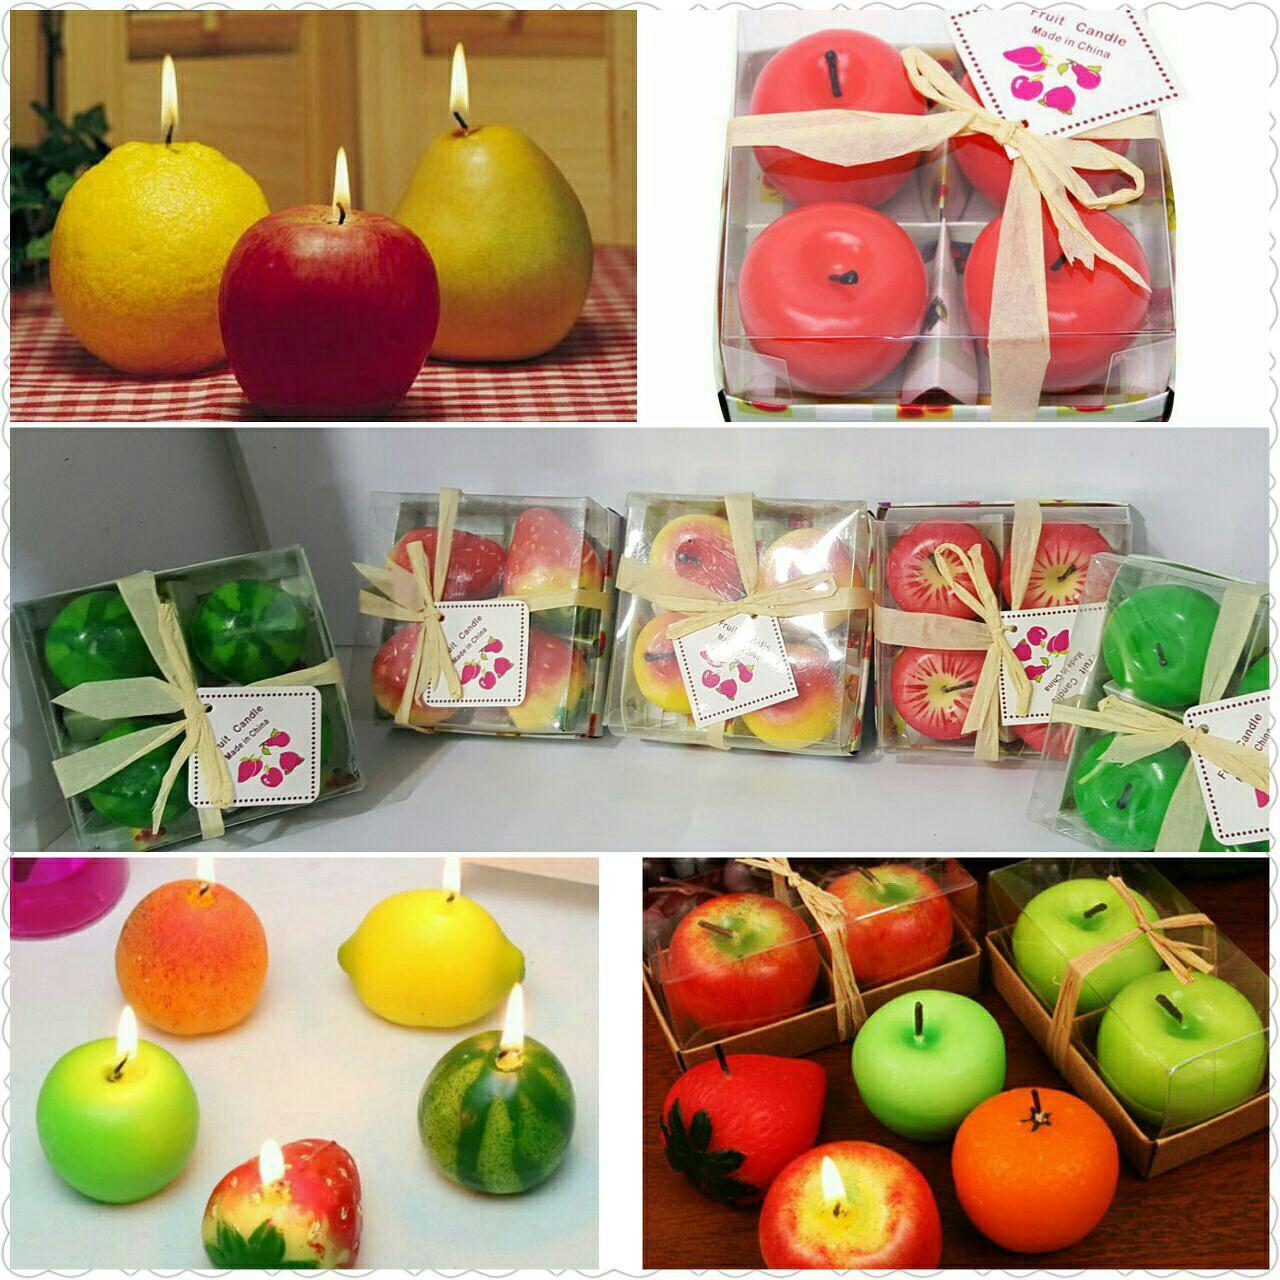 خرید شمع های فانتزی میوه ای